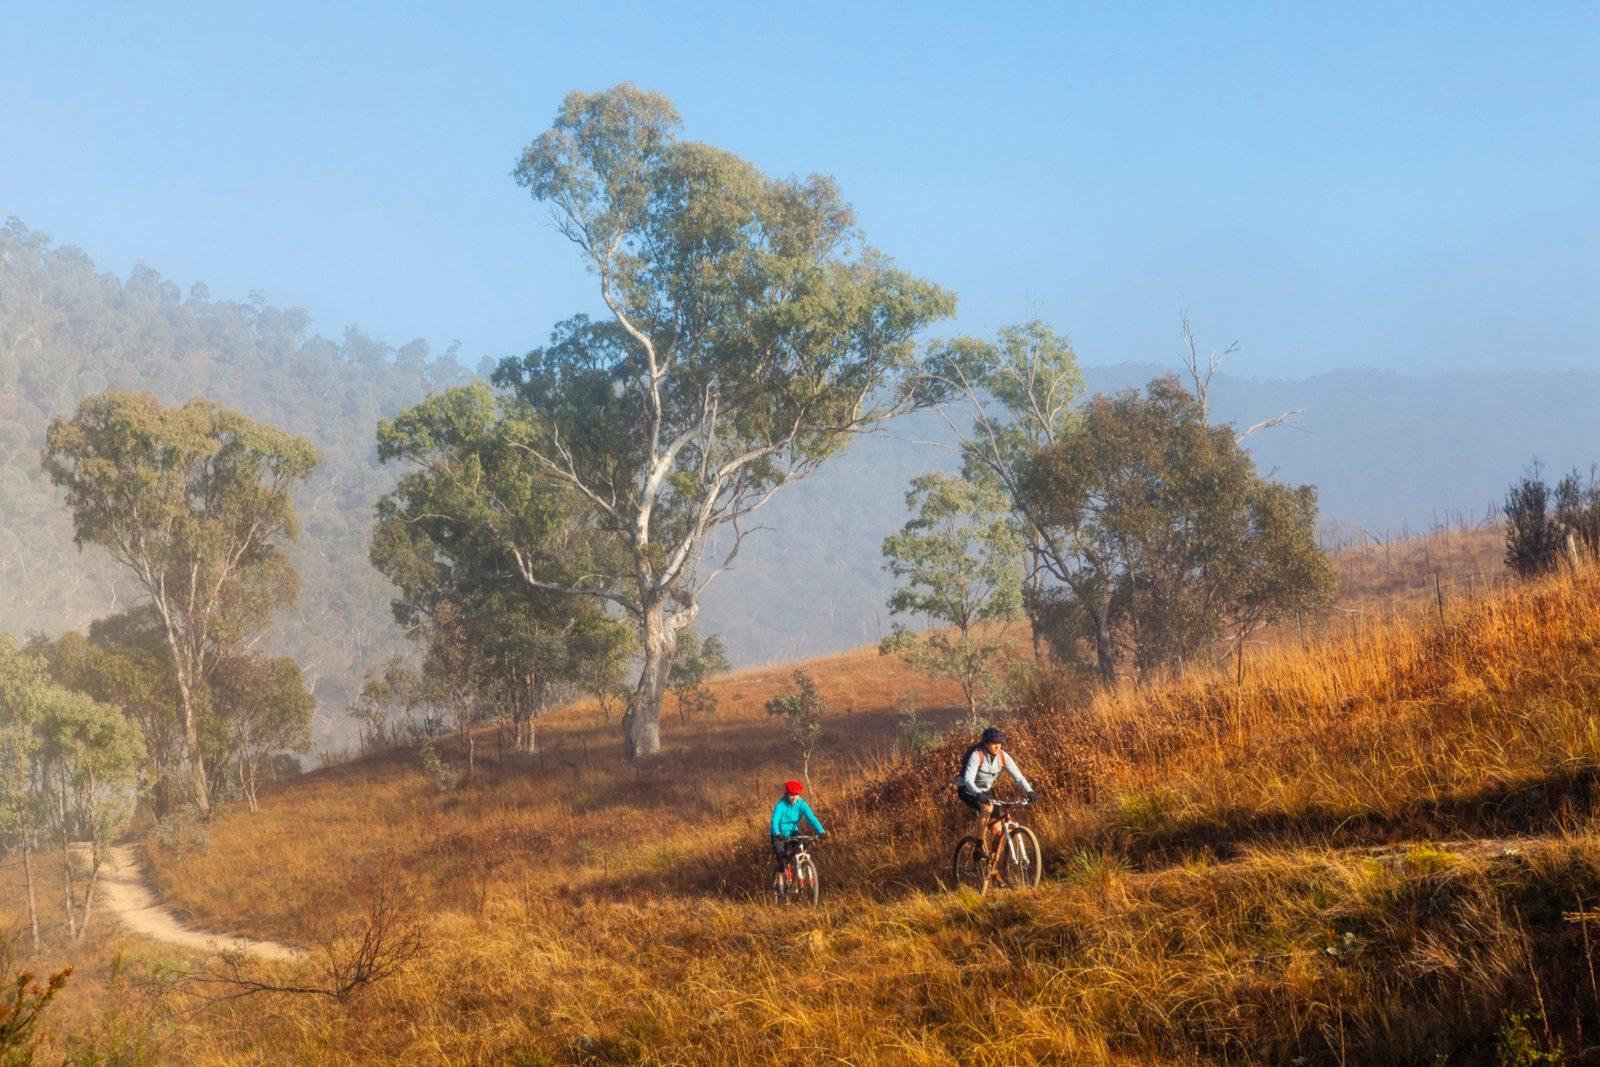 Kambah Trail